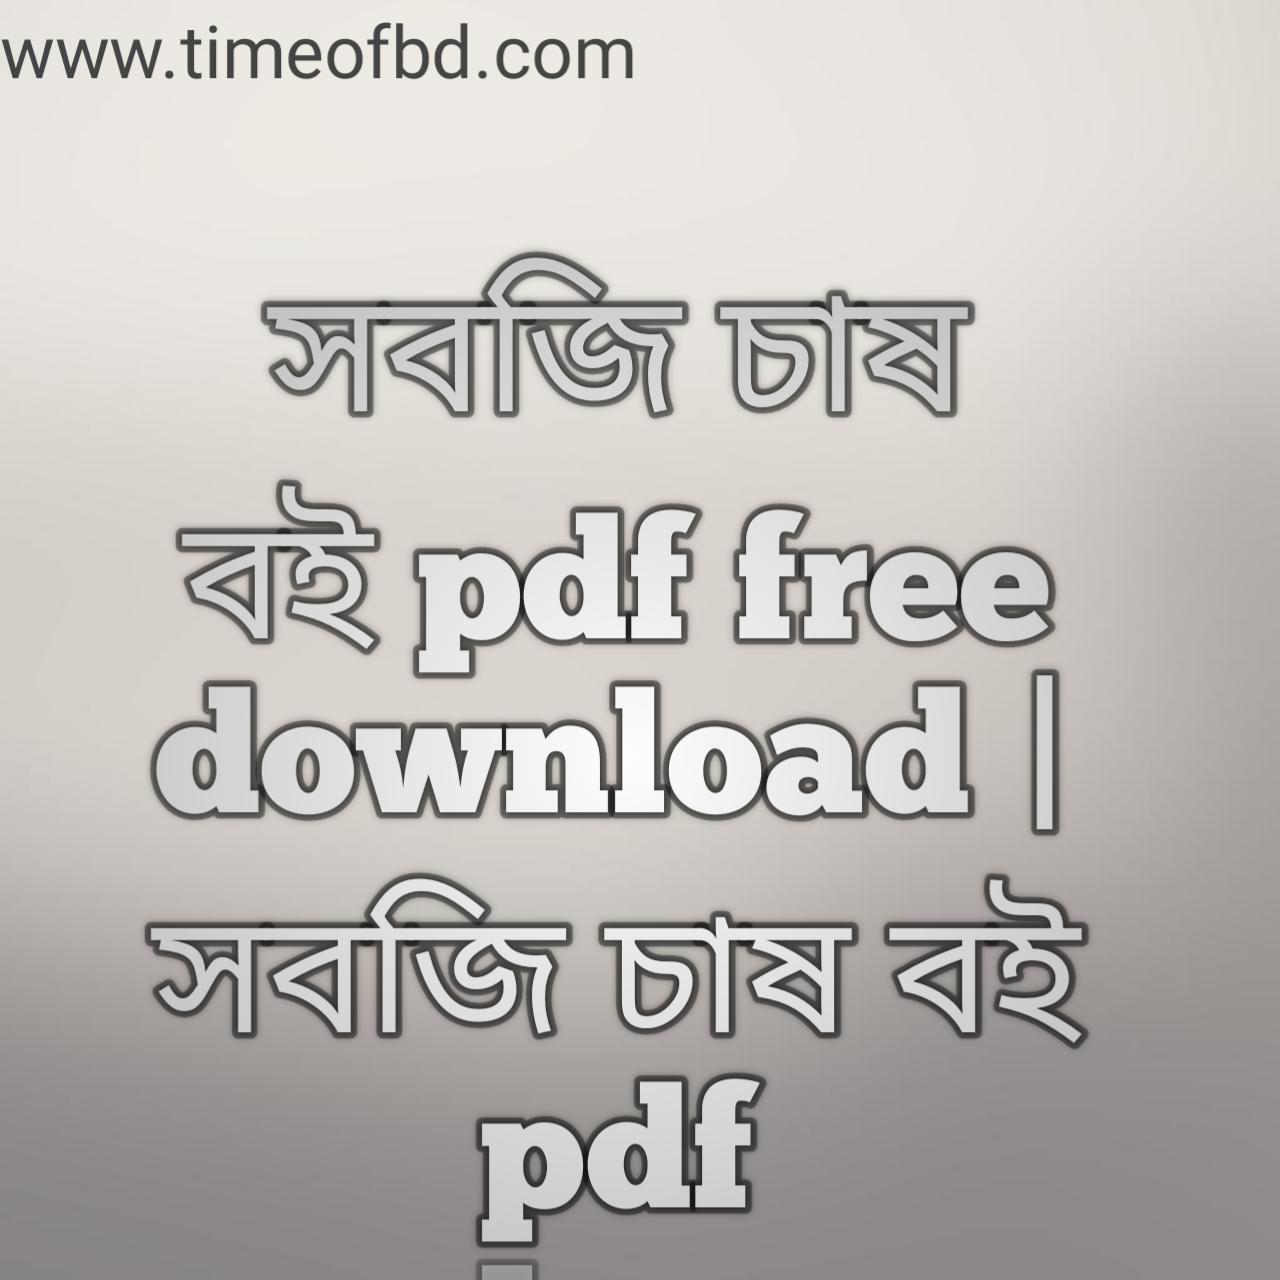 সবজি চাষ বই pdf free download, সবজি চাষ বই pdf, সবজি চাষ বই পিডিএফ, সবজি চাষ বই পিডিএফ ডাউনলোড, সবজি চাষ বই pdf download,